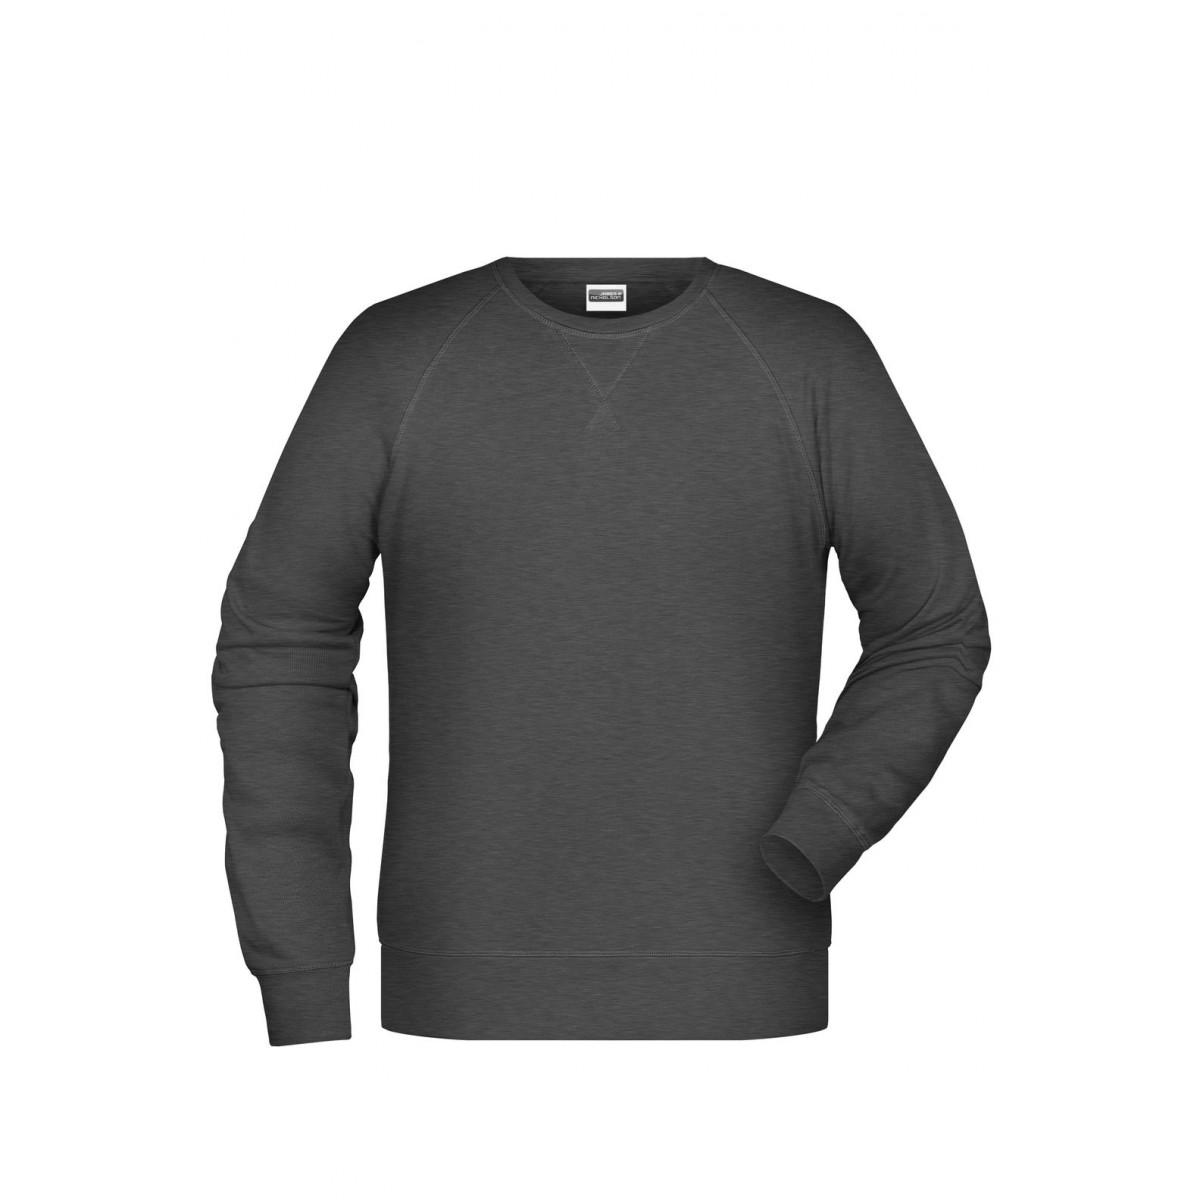 Толстовка мужская 8022 Men´s Sweat - Черный меланж